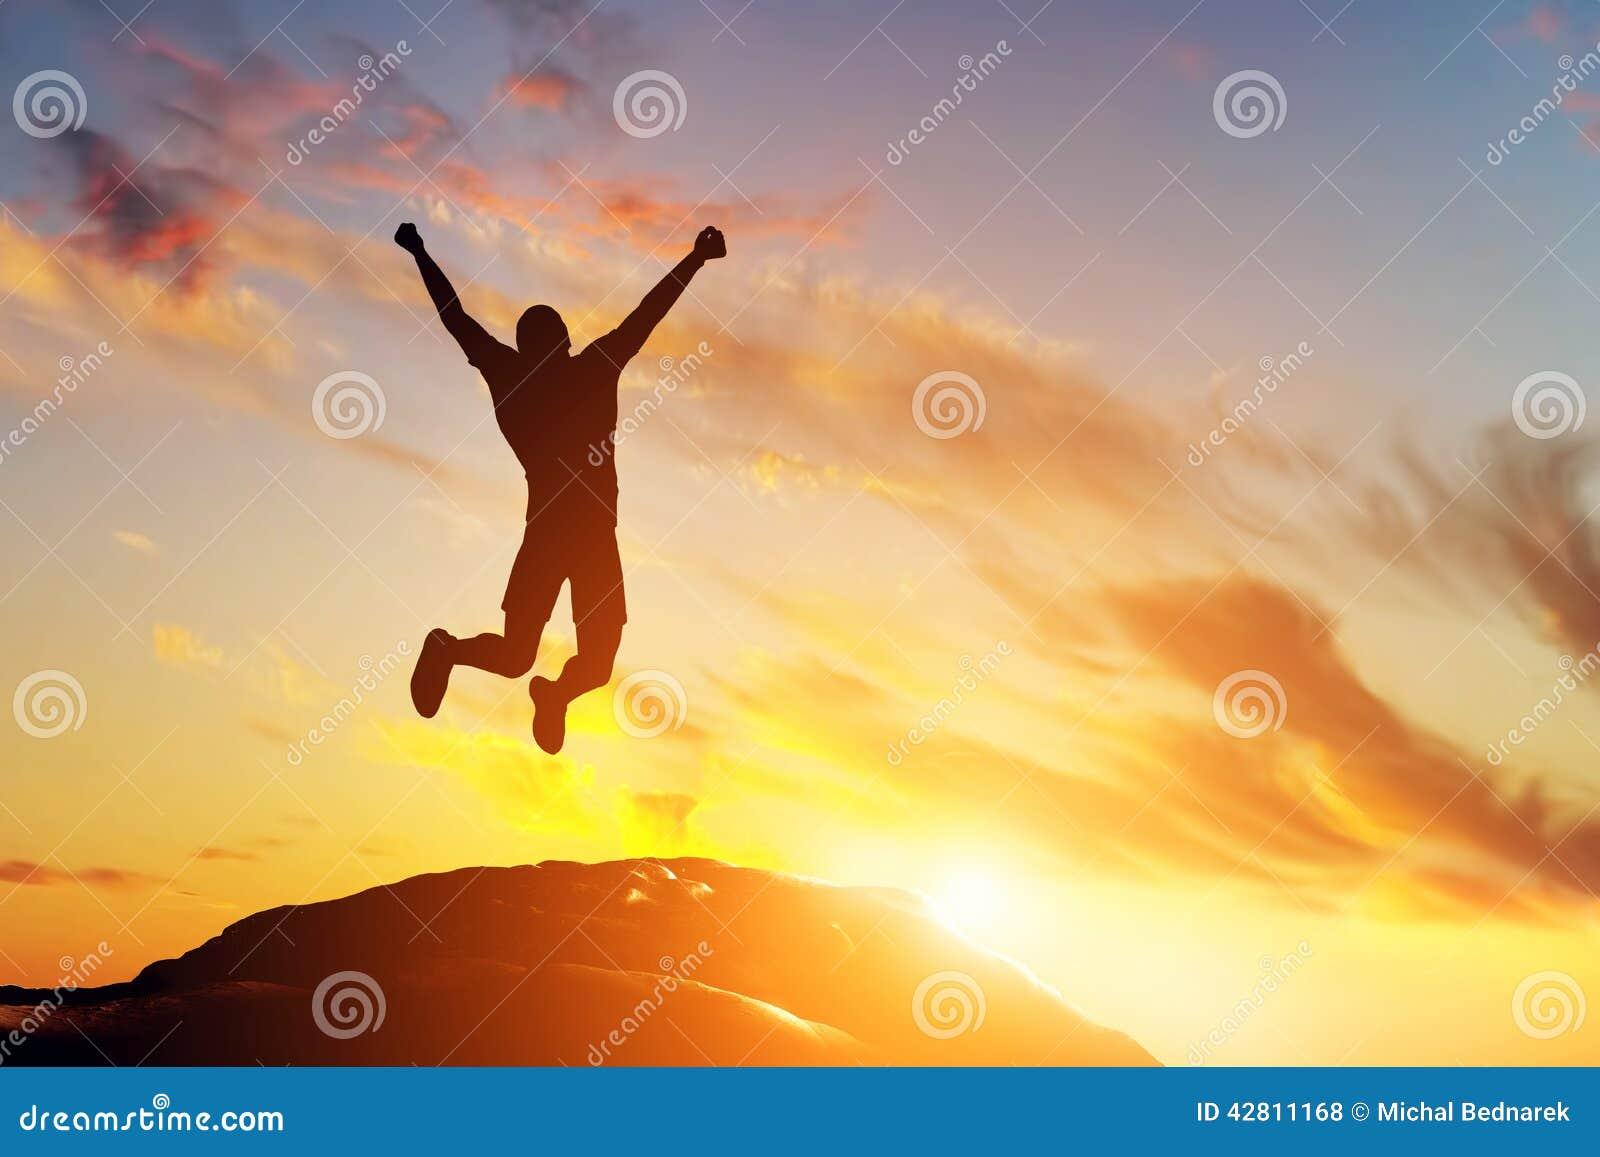 Hombre feliz que salta para la alegría en el pico de la montaña en la puesta del sol éxito